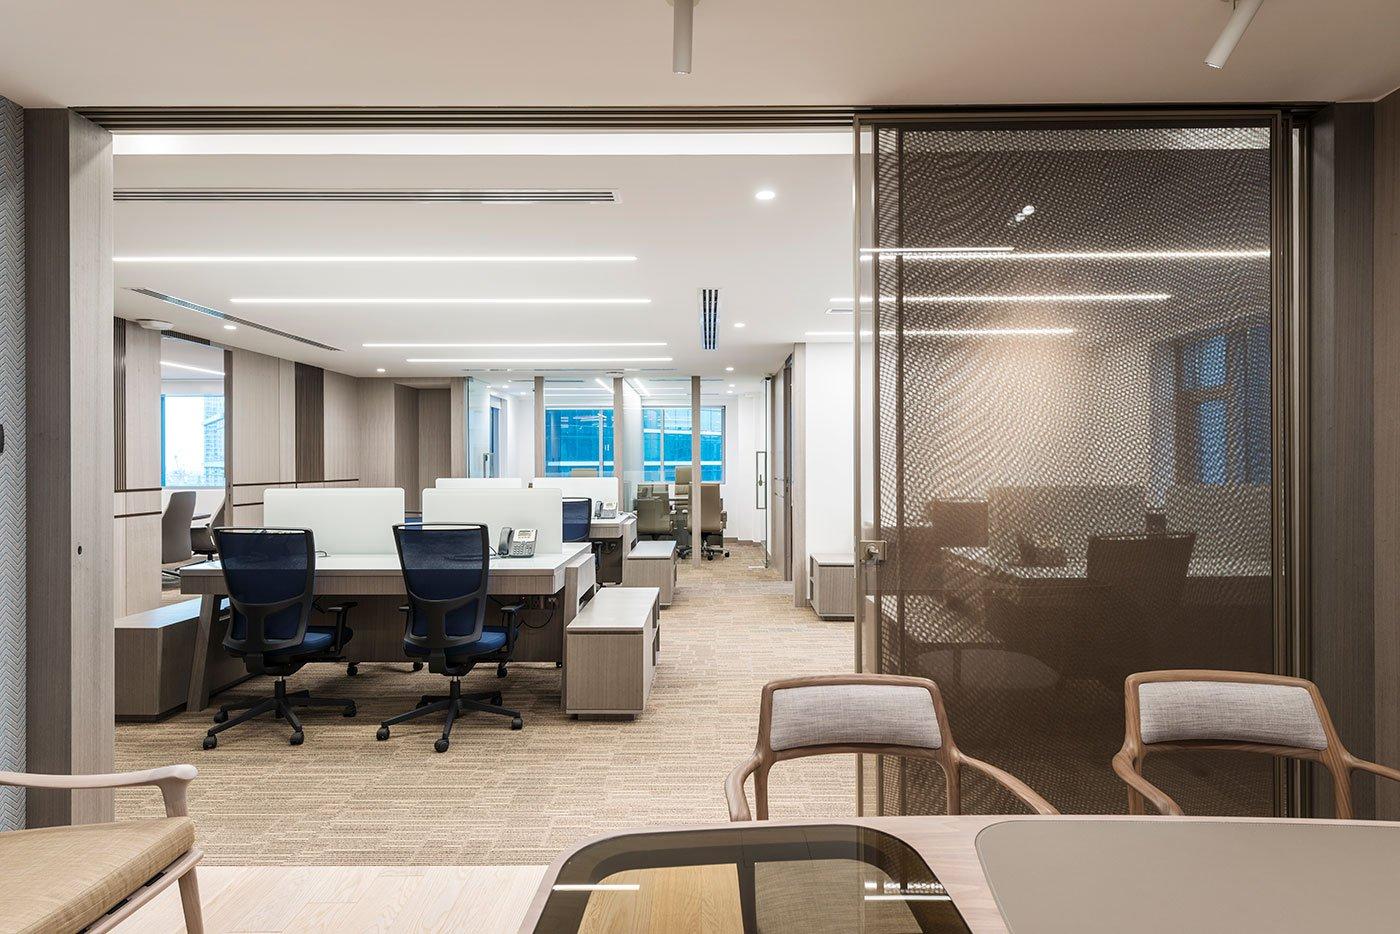 motif interior design photographer